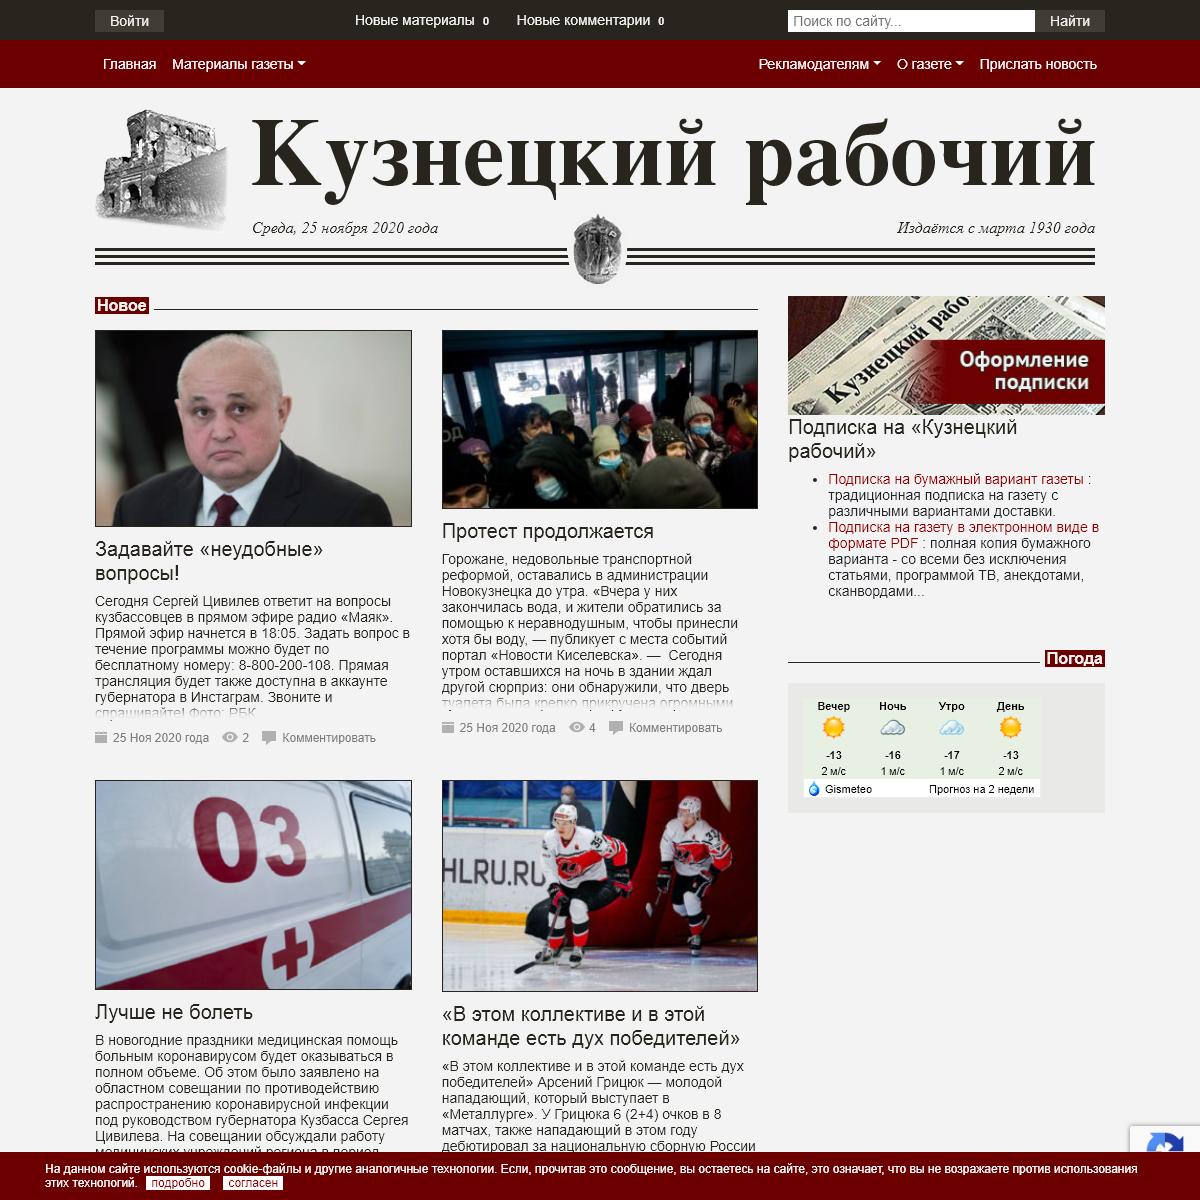 Кузнецкий рабочий - Ещё один сайт на WordPress